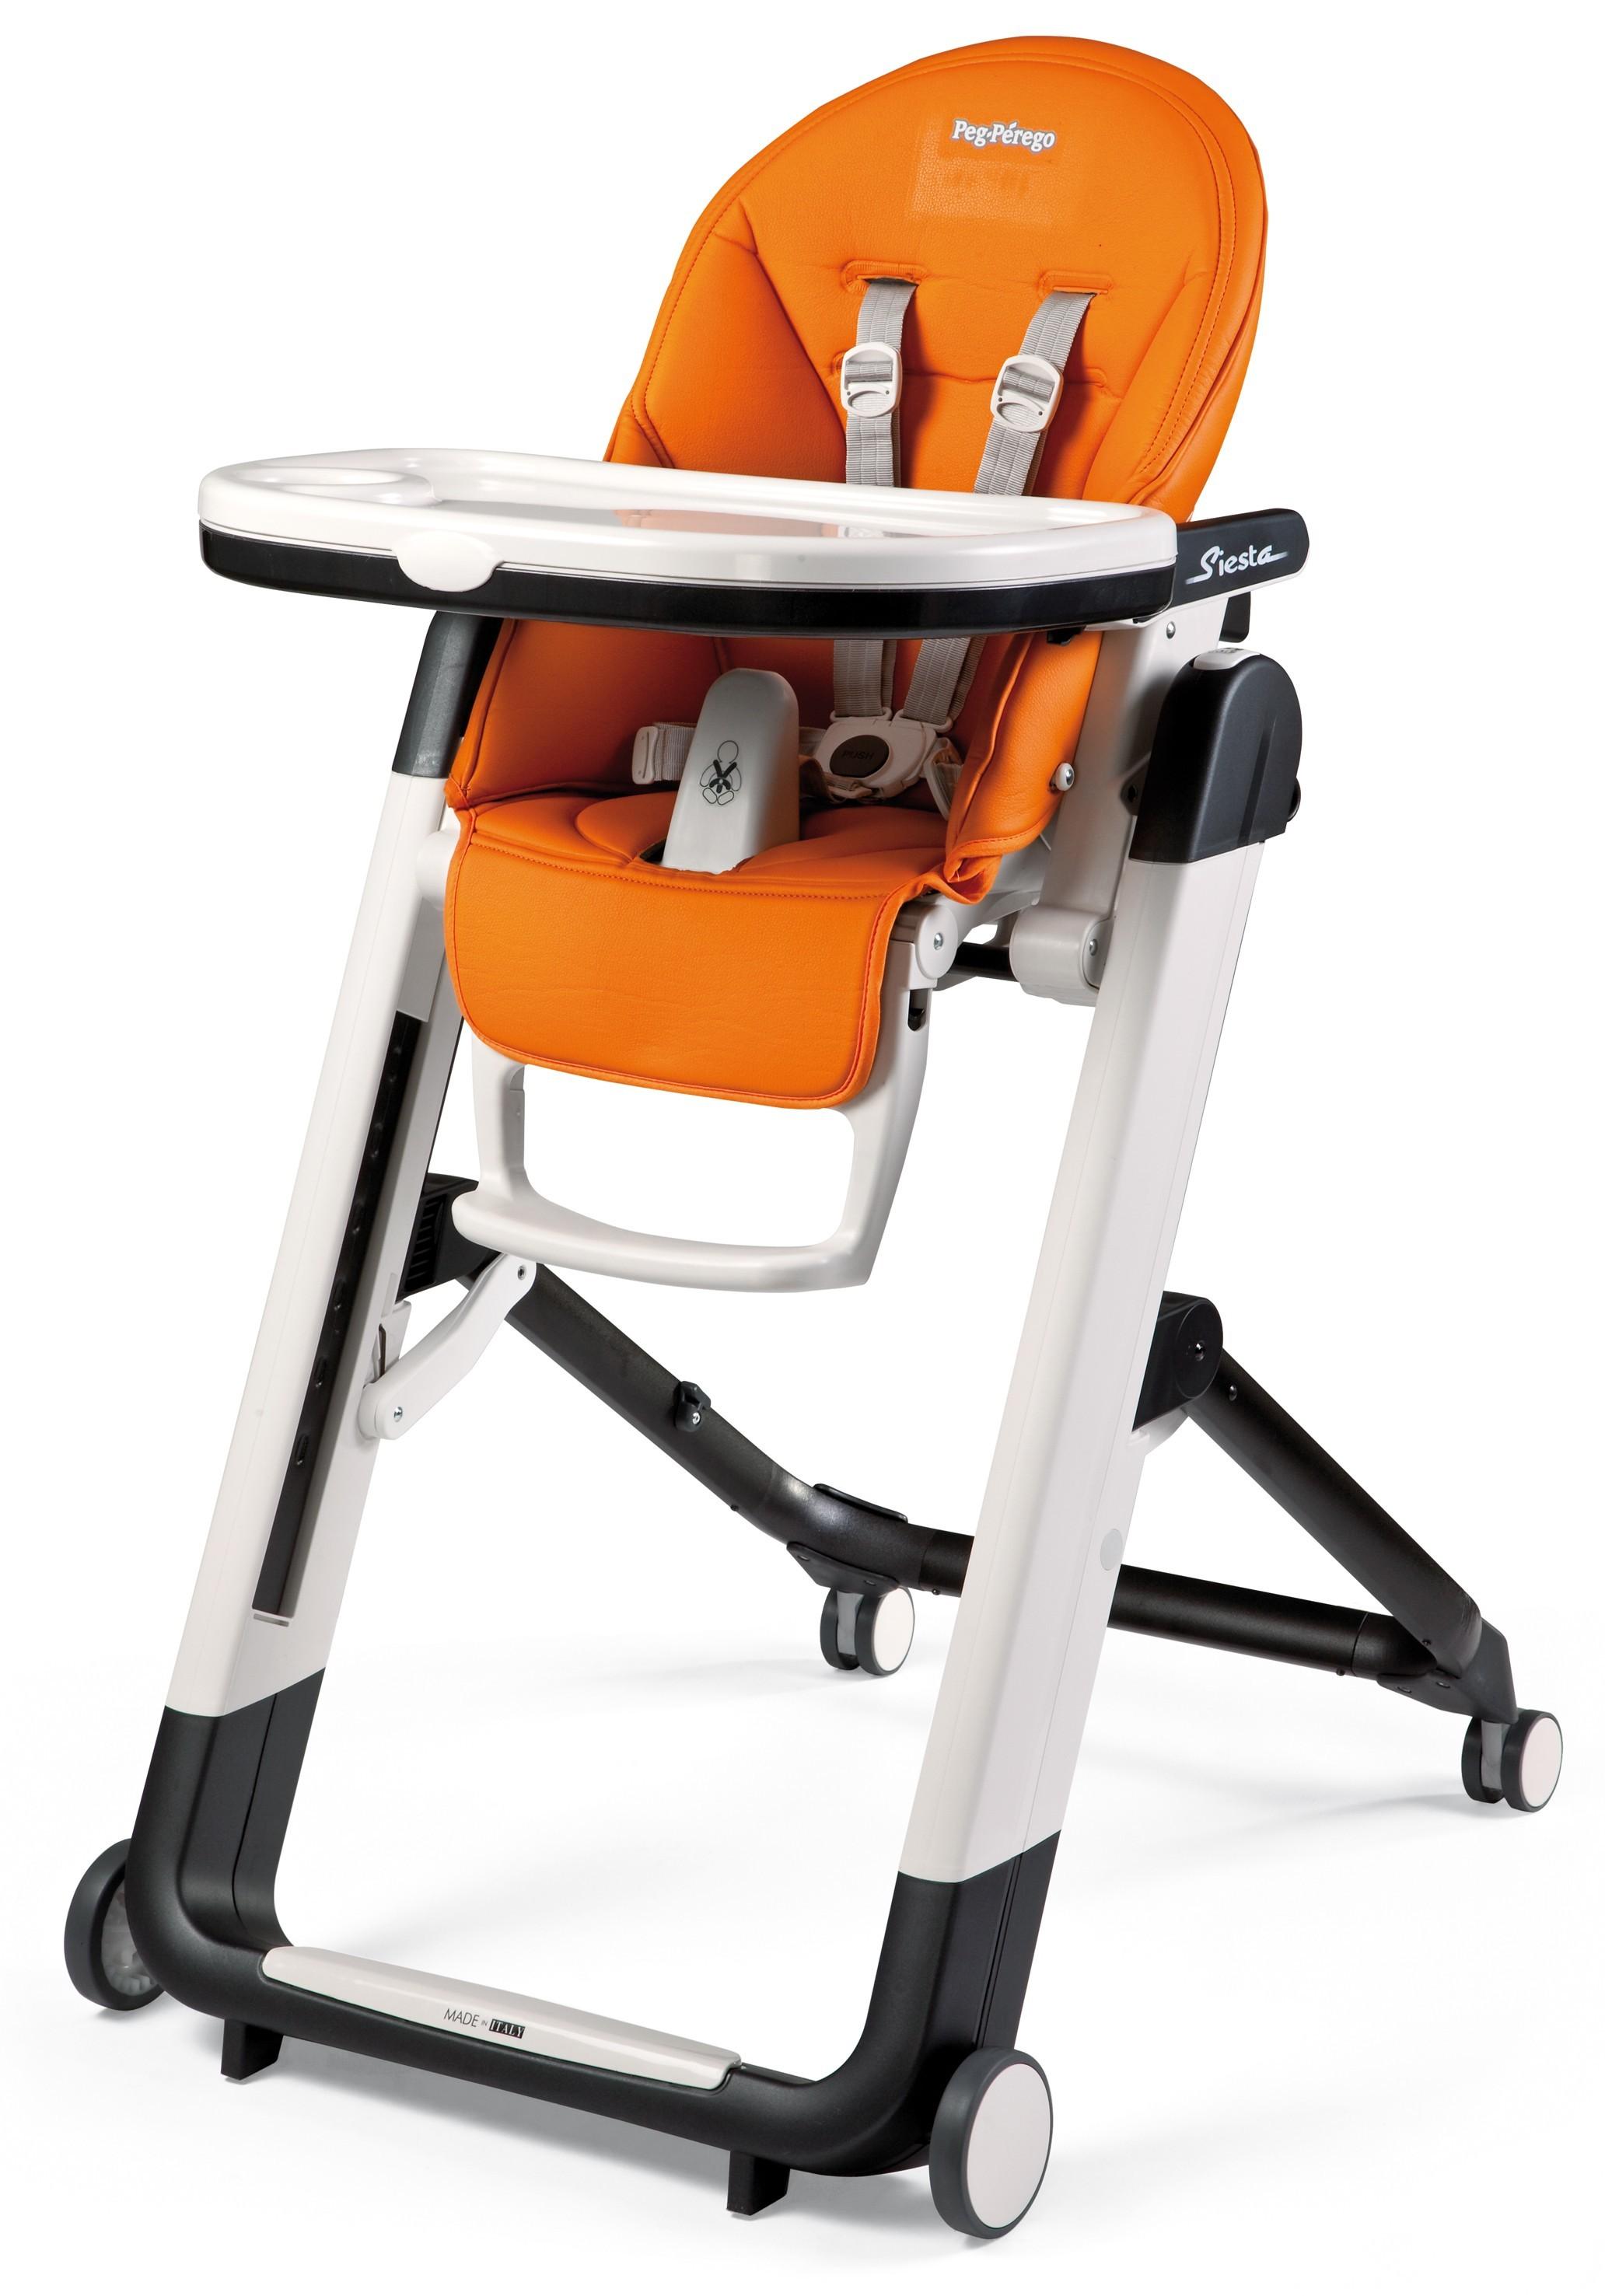 Peg Perego Siesta Hochstuhl Babyliege Arancia (orange)